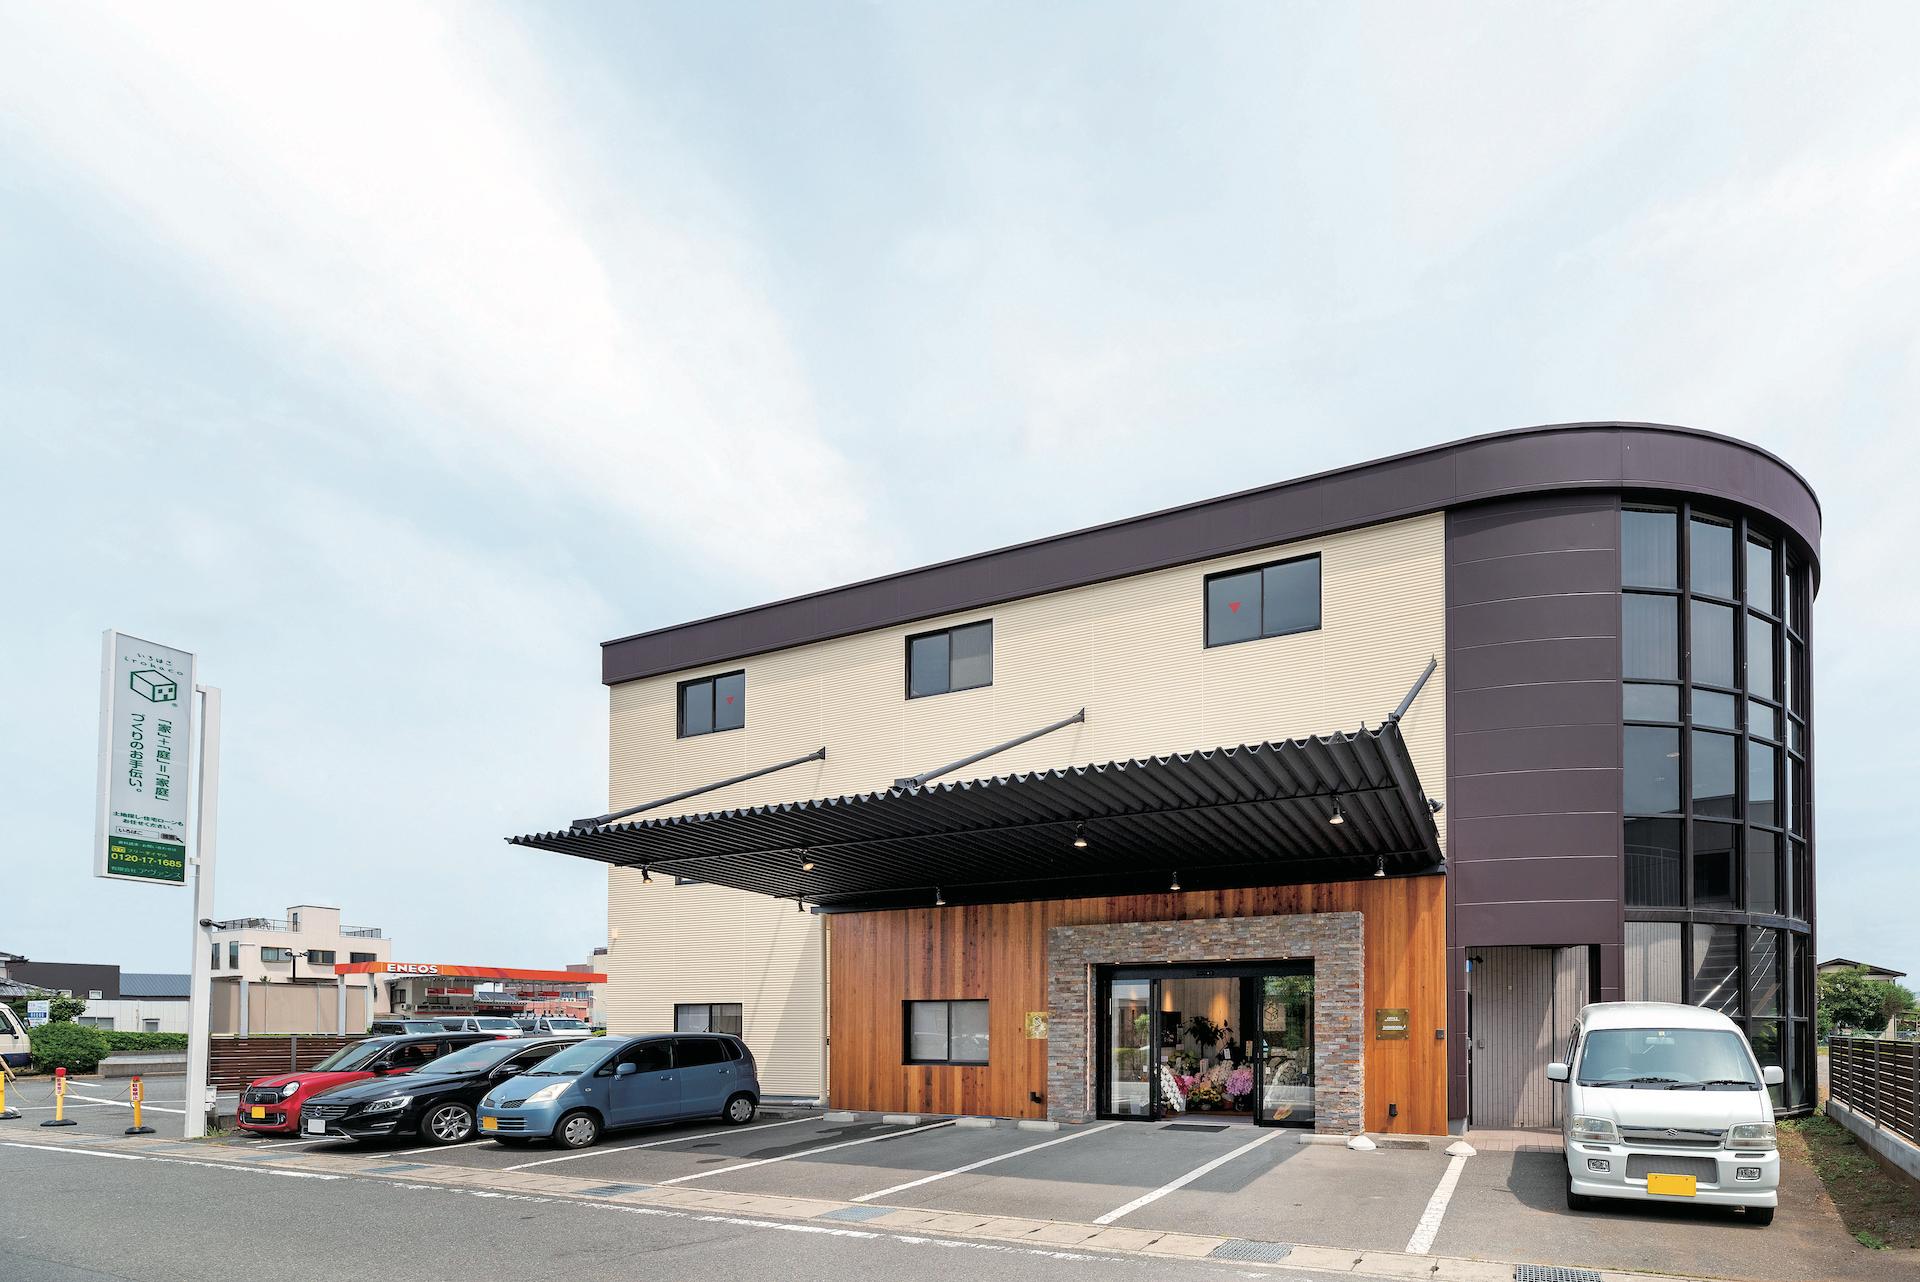 irohaco (アヴァンス)【駿東郡清水町堂庭241-22・モデルハウス】移転リニューアルした『いろはこ』の自社ビル。1階が事務所、2階がショールーム、3階が打ち合わせブース